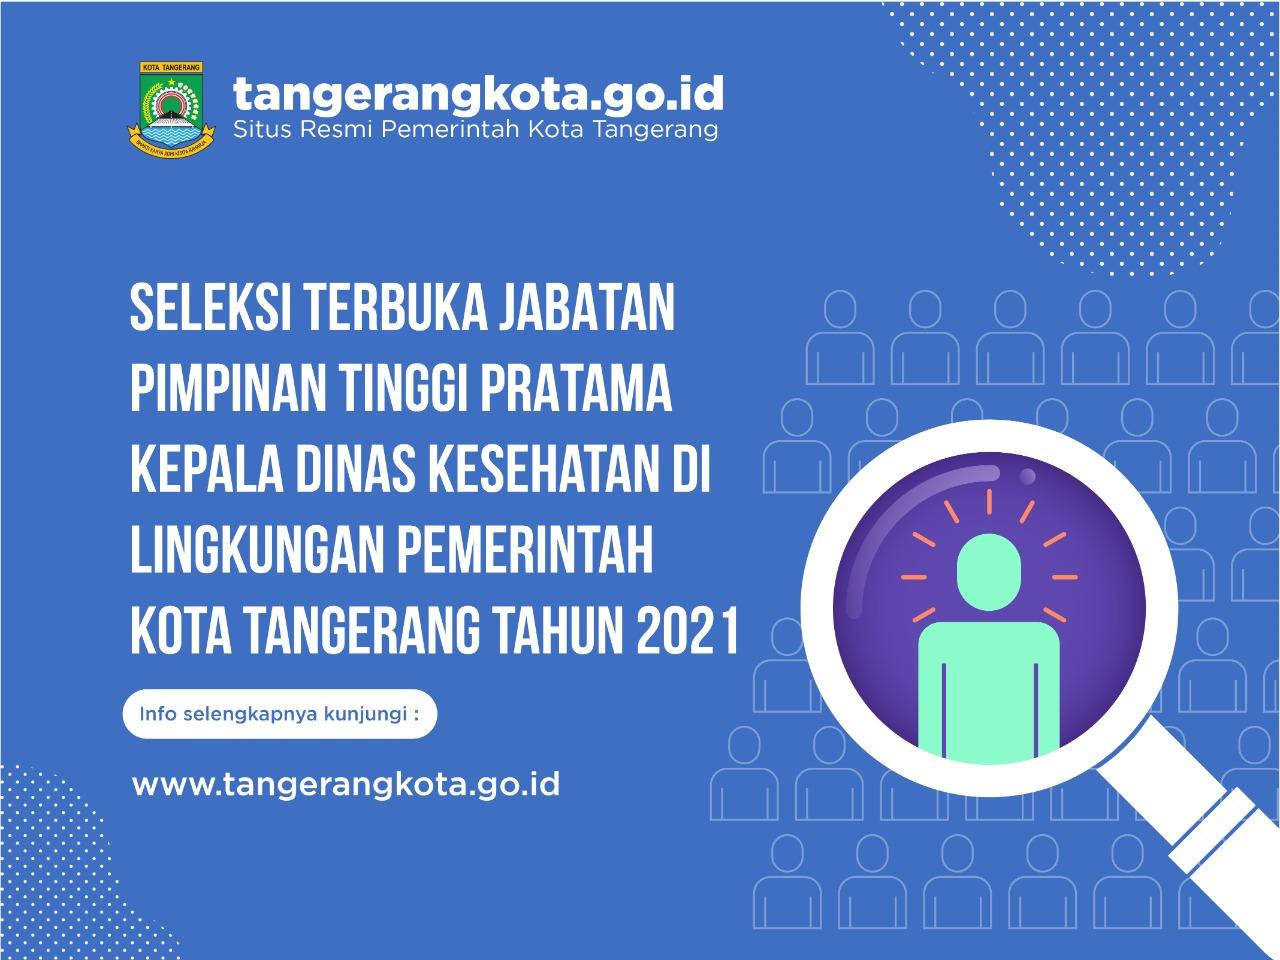 IMG-seleksi-terbuka-jabatan-pimpinan-tinggi-pratama-di-lingkungan-pemerintah-kota-tangerang-tahun-2021